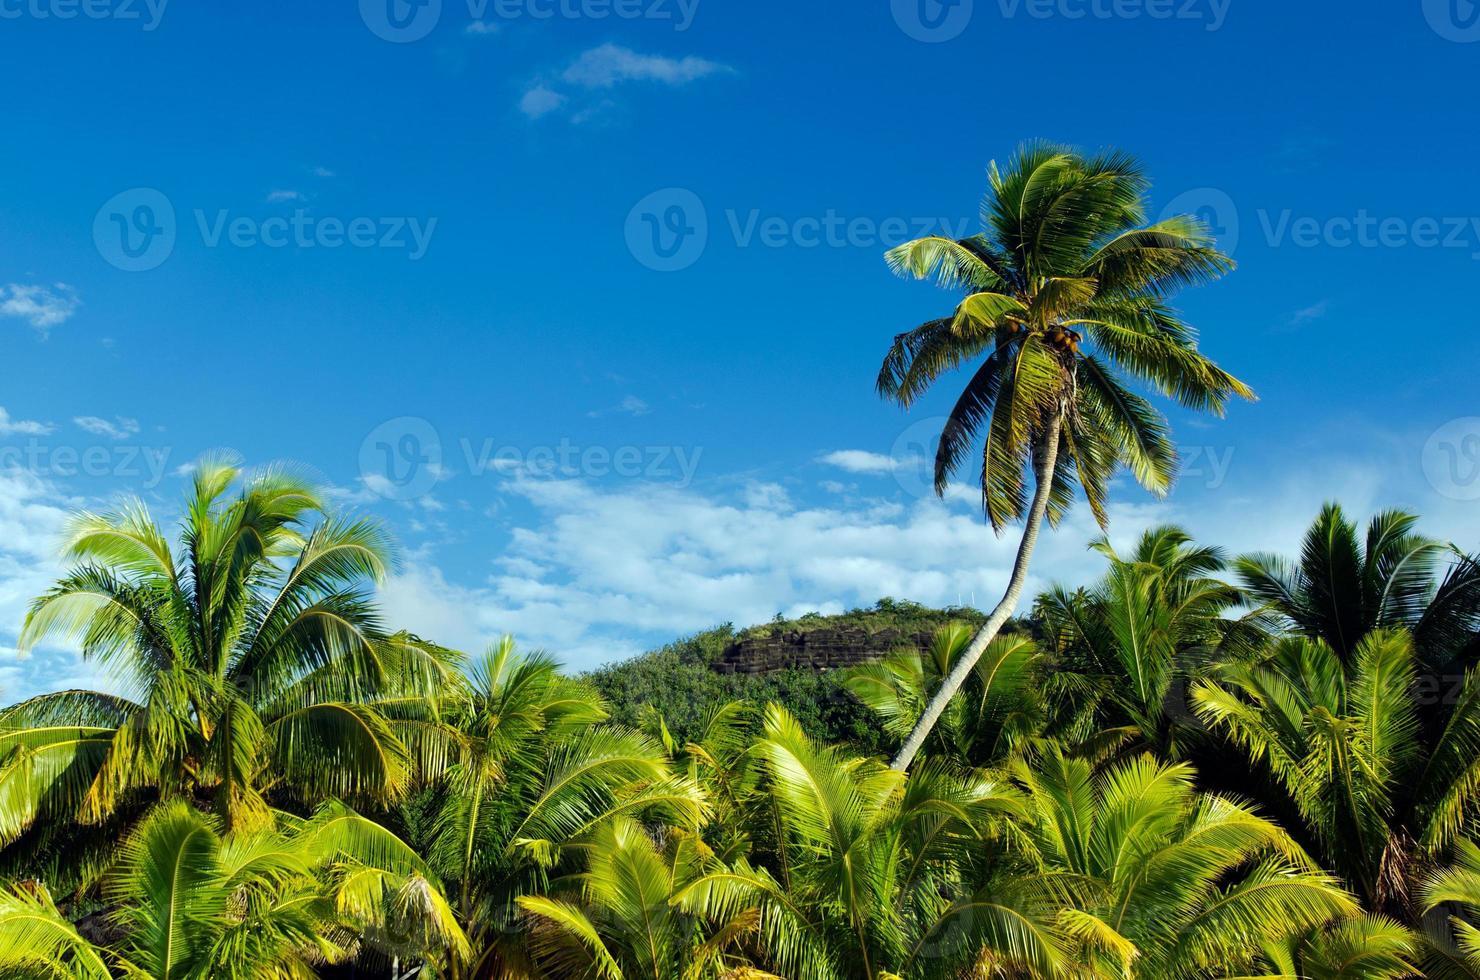 alberi di cocco nelle isole Cook laguna aitutaki foto